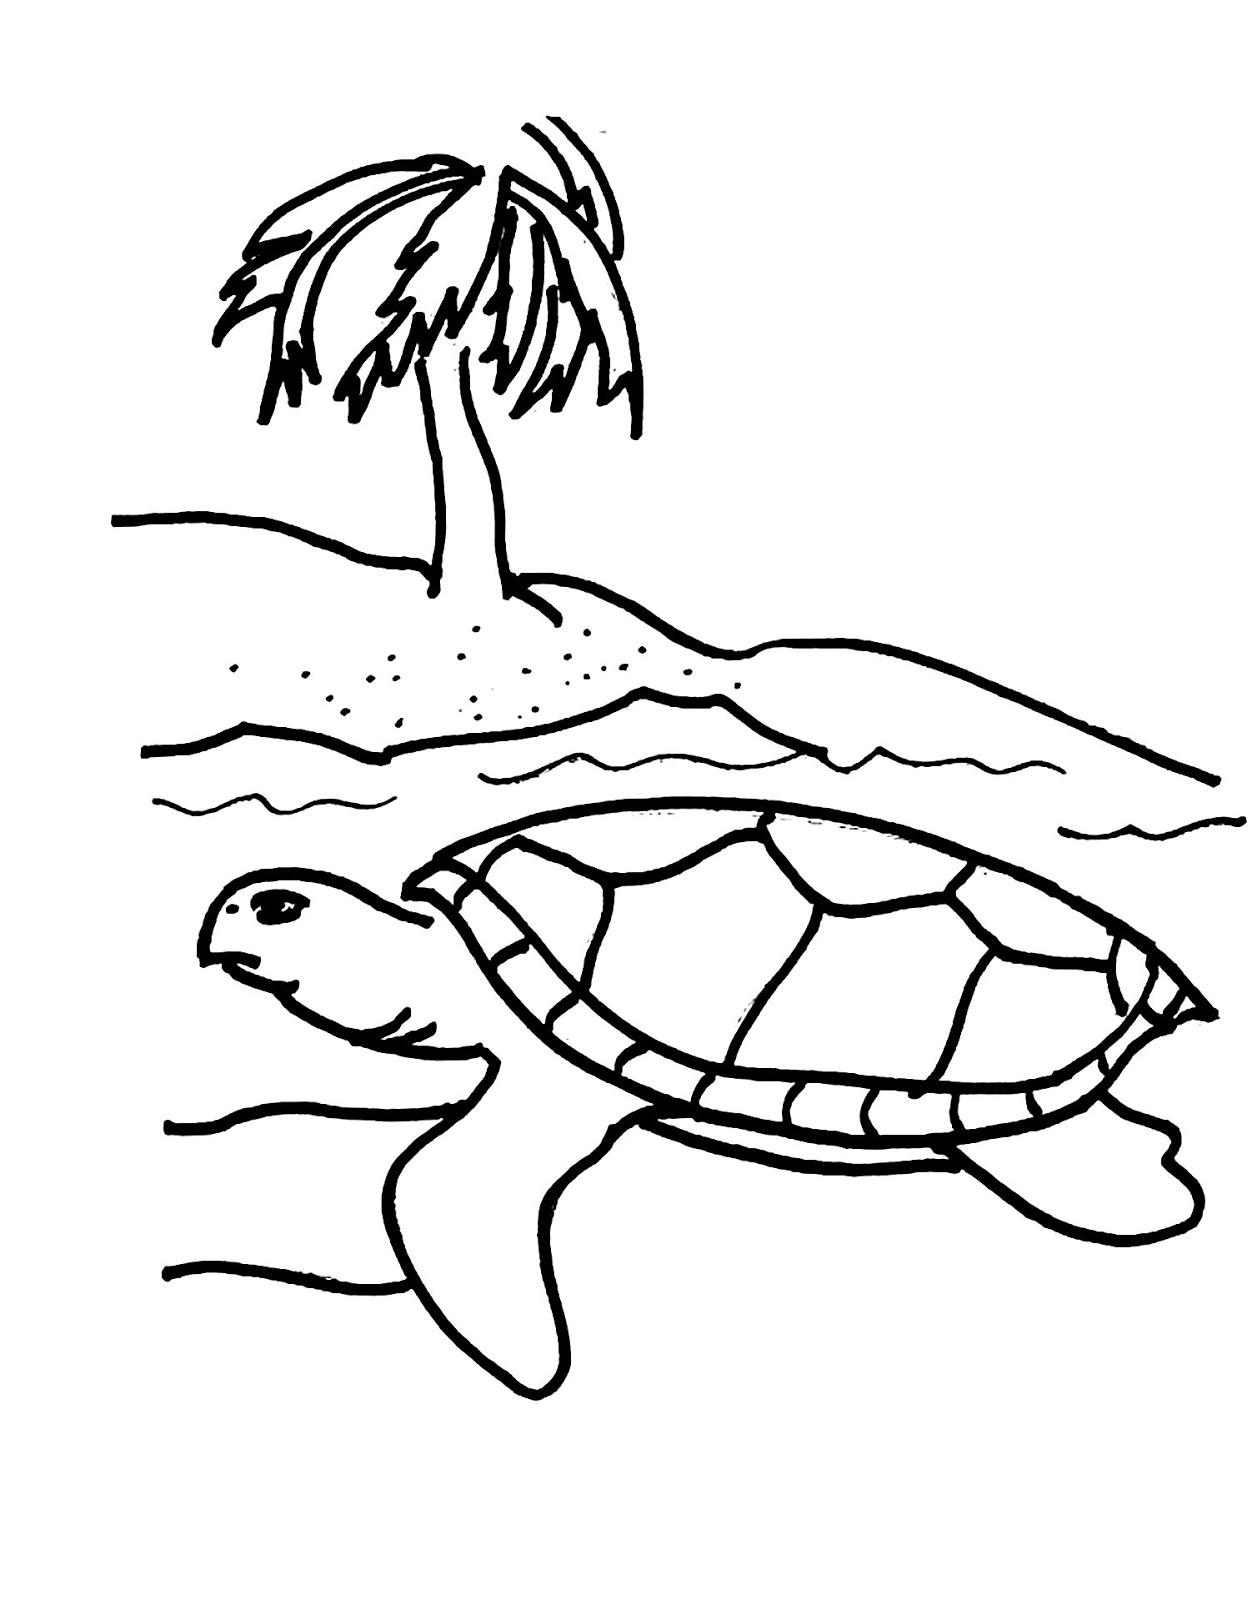 Tranh cho bé tô màu con rùa trên biển